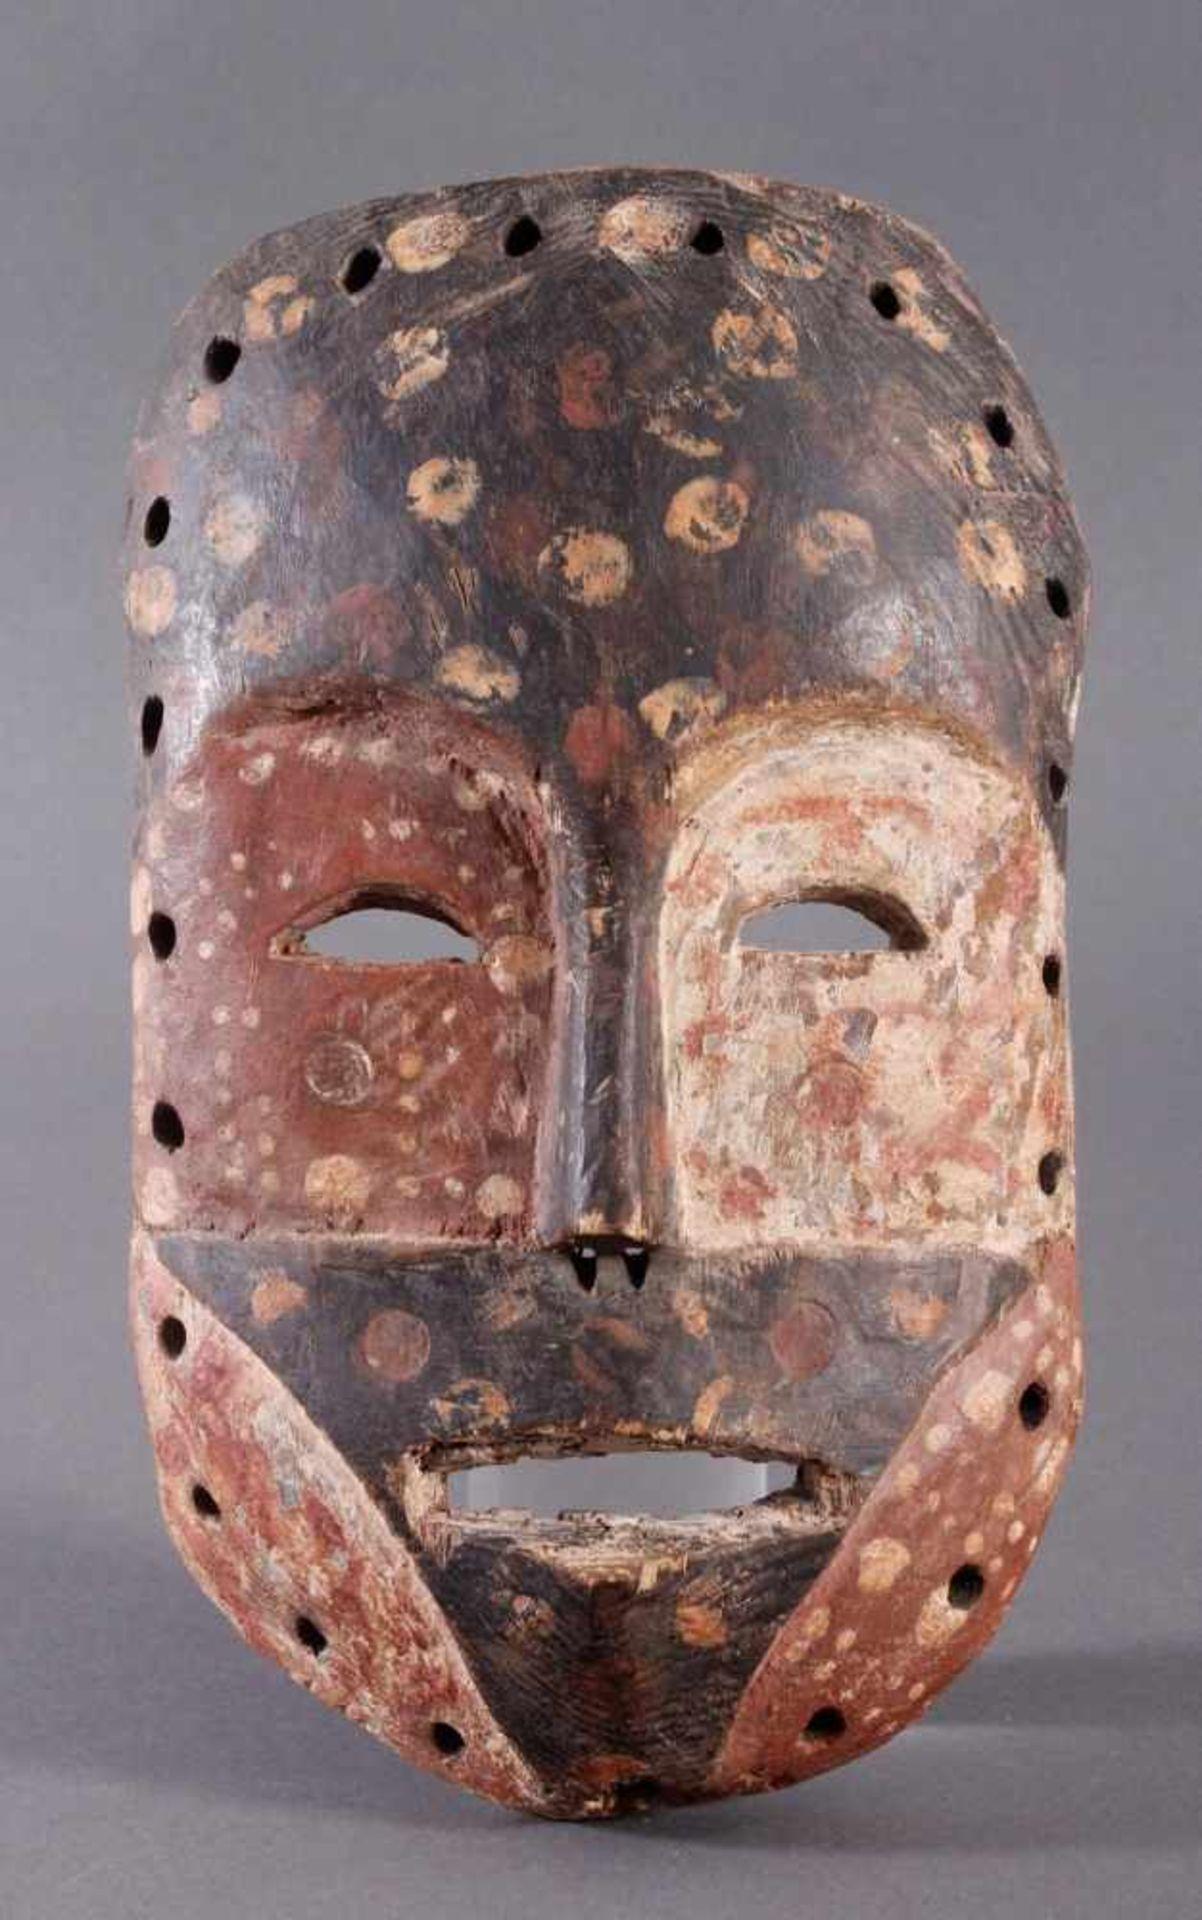 Antike Maske, Mossi, Ghana 1. Hälfte 20. Jh.Holz geschnitzt, Kalk, schwarze und rote Bemalung, ca. 6